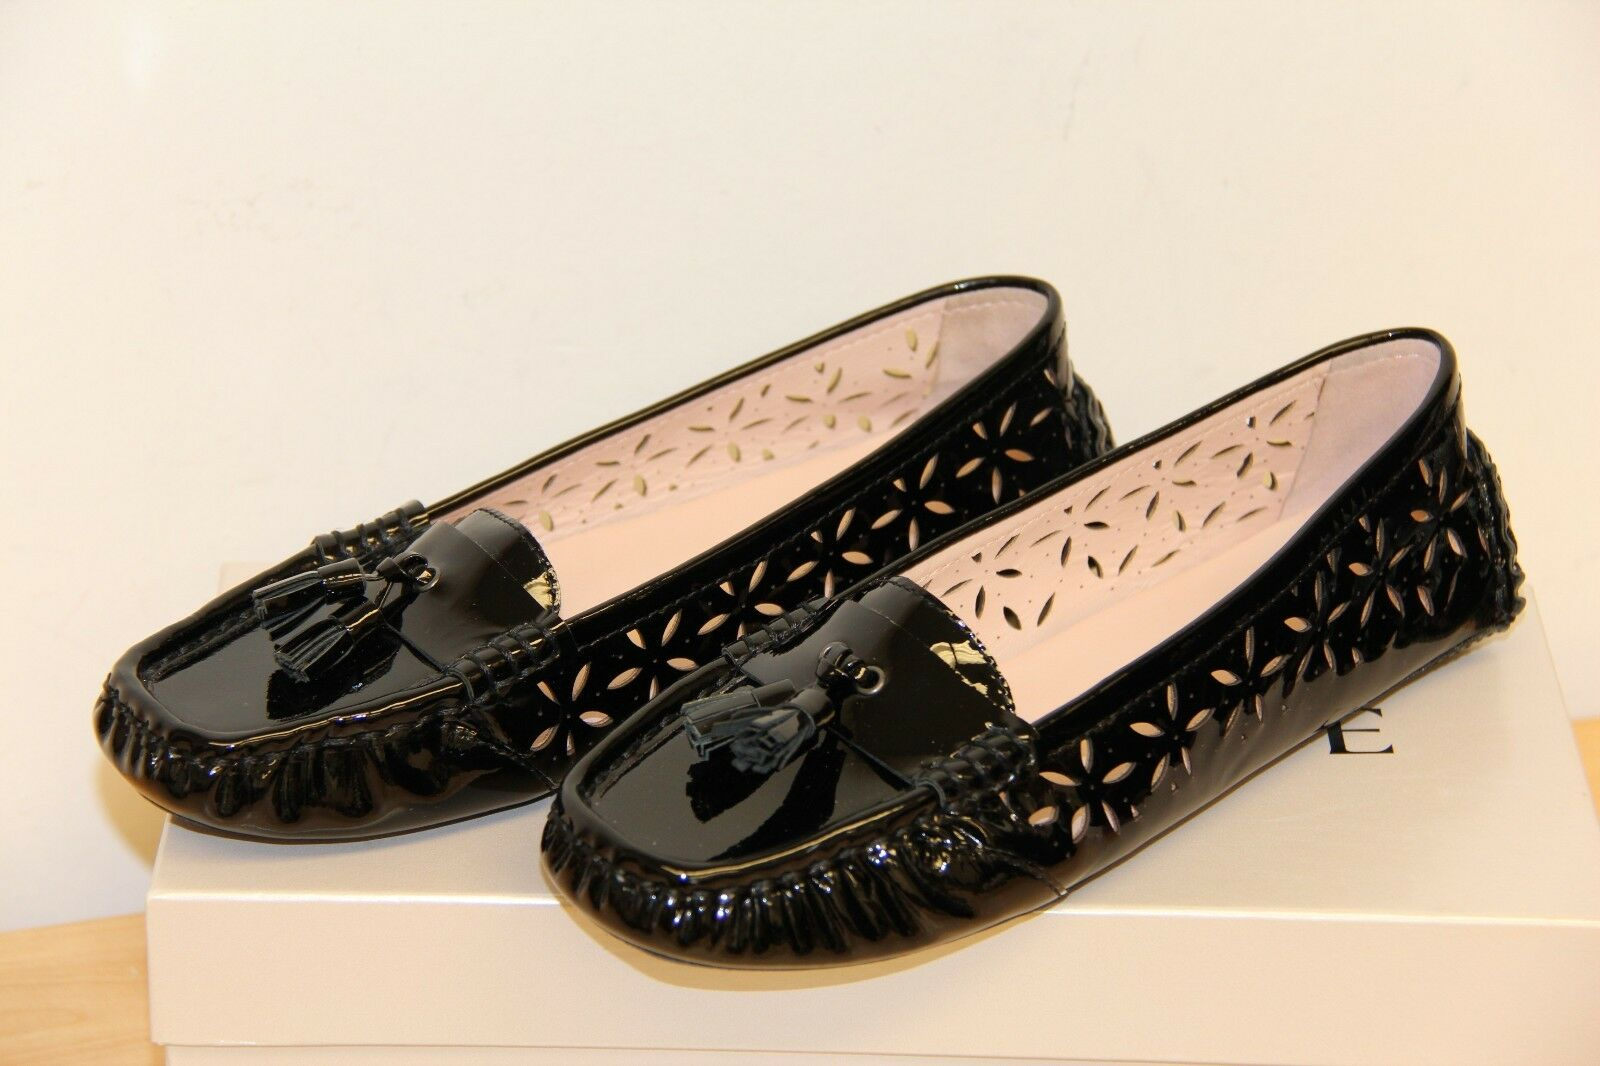 NIB Taryn pink CARISSA CARISSA CARISSA Soft Patent Leather Slip On Flats Loafers Sz 6 BLACK 5028c9